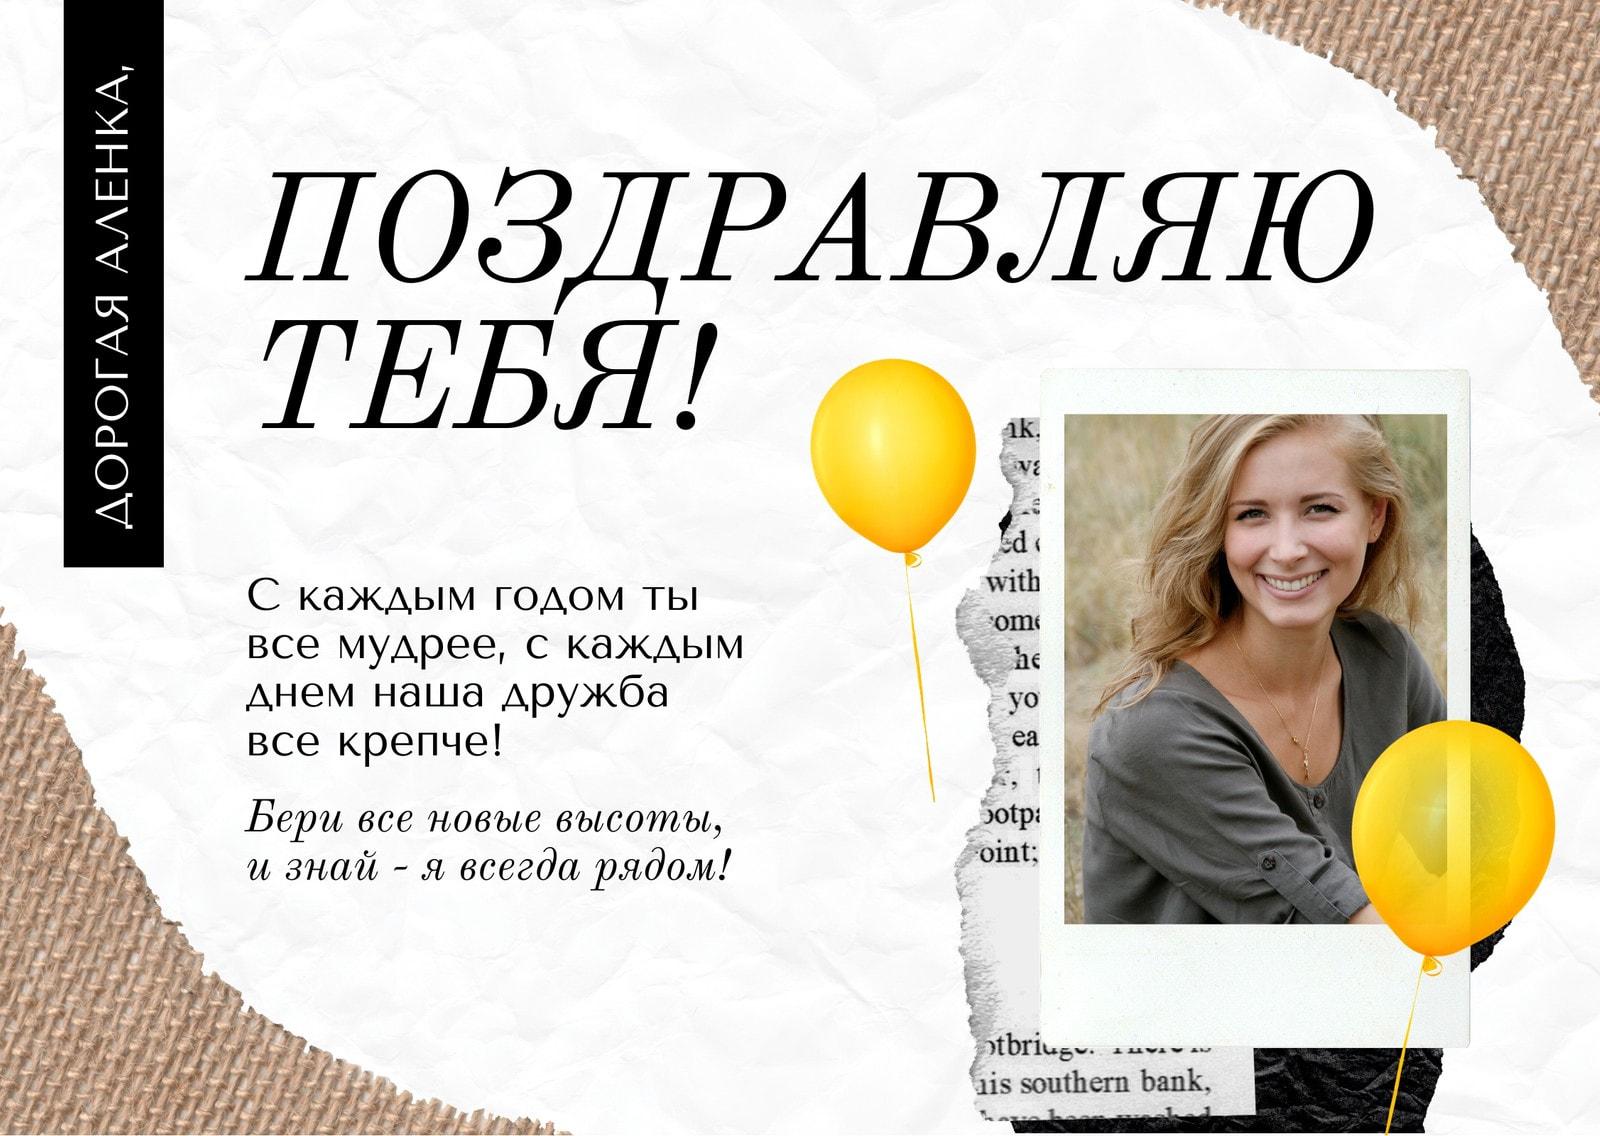 Цветная открытка на день рождения с фотографией девушки